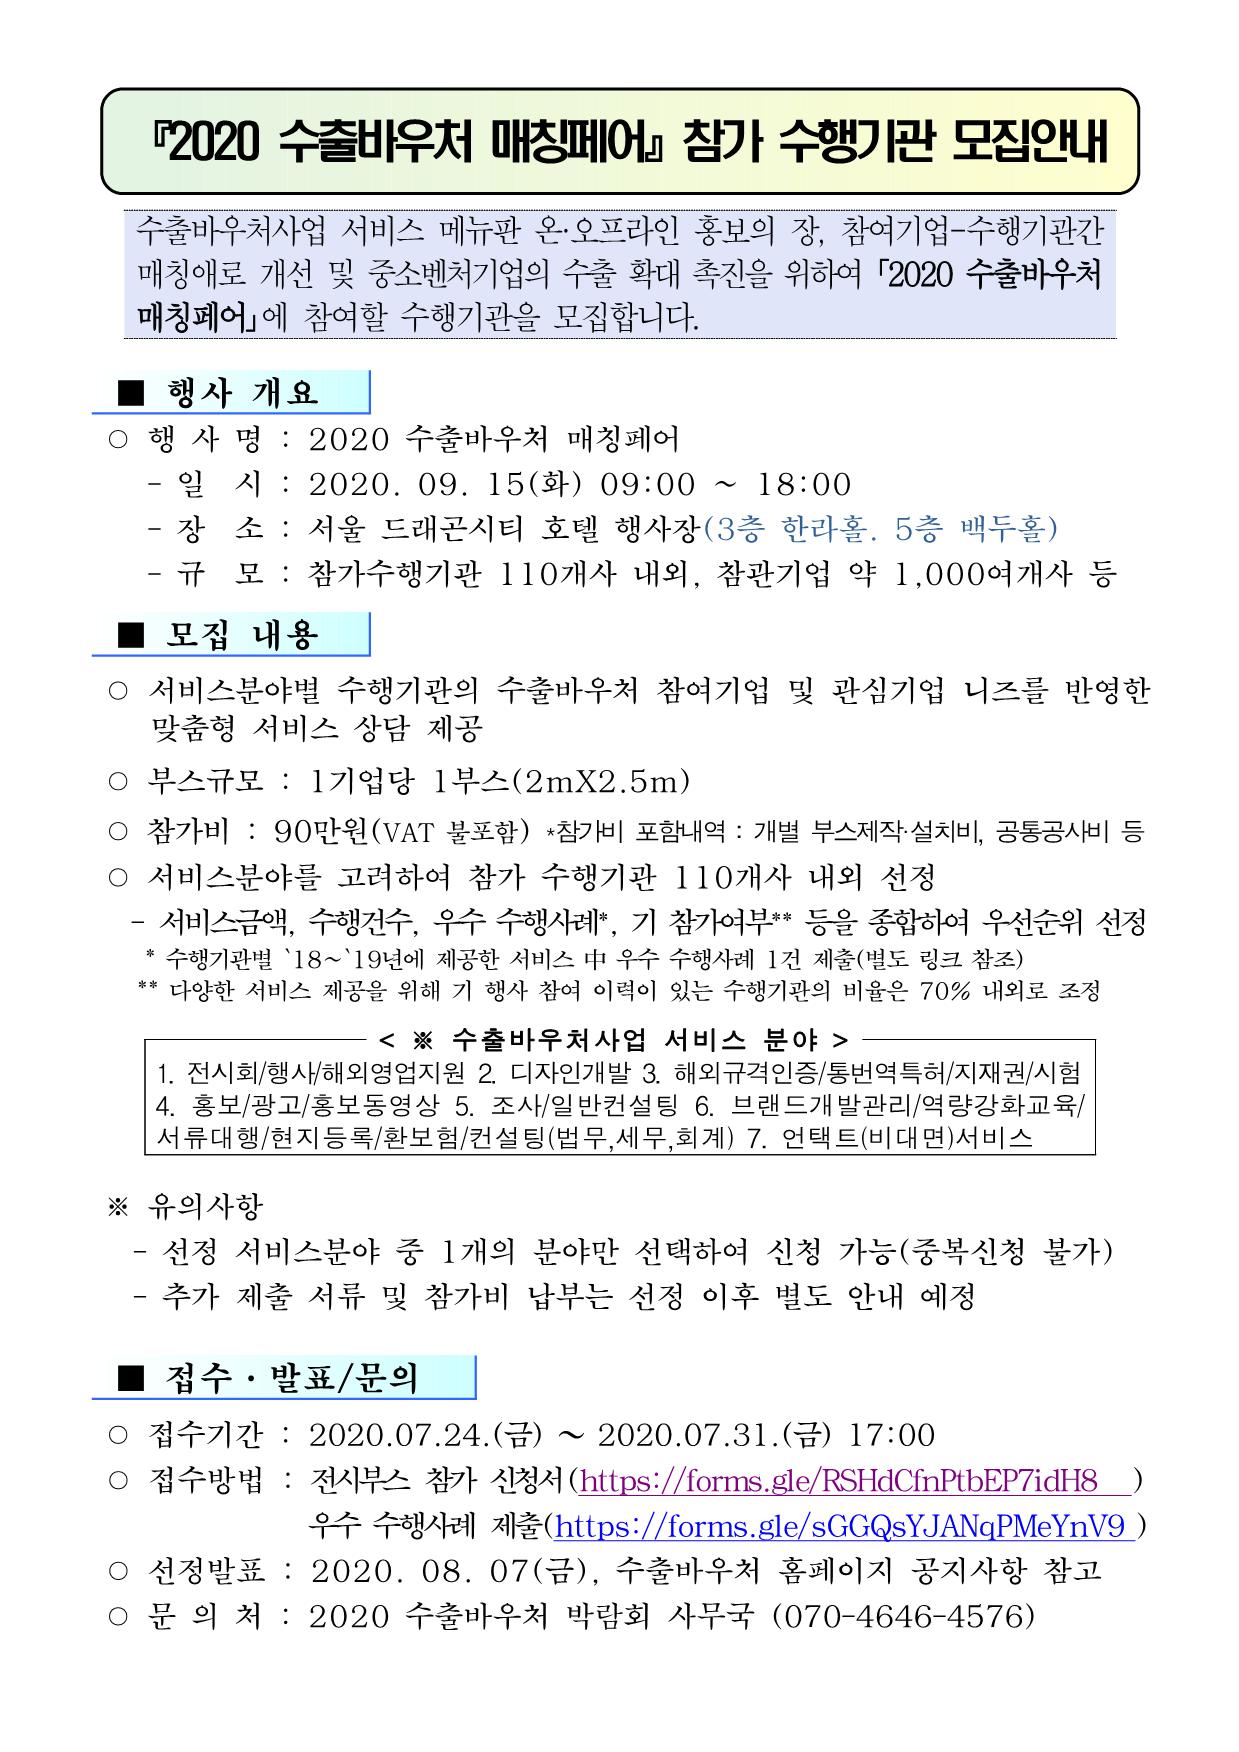 2020년 수출바우처 박람회 참가수행기관 모집안내문.png